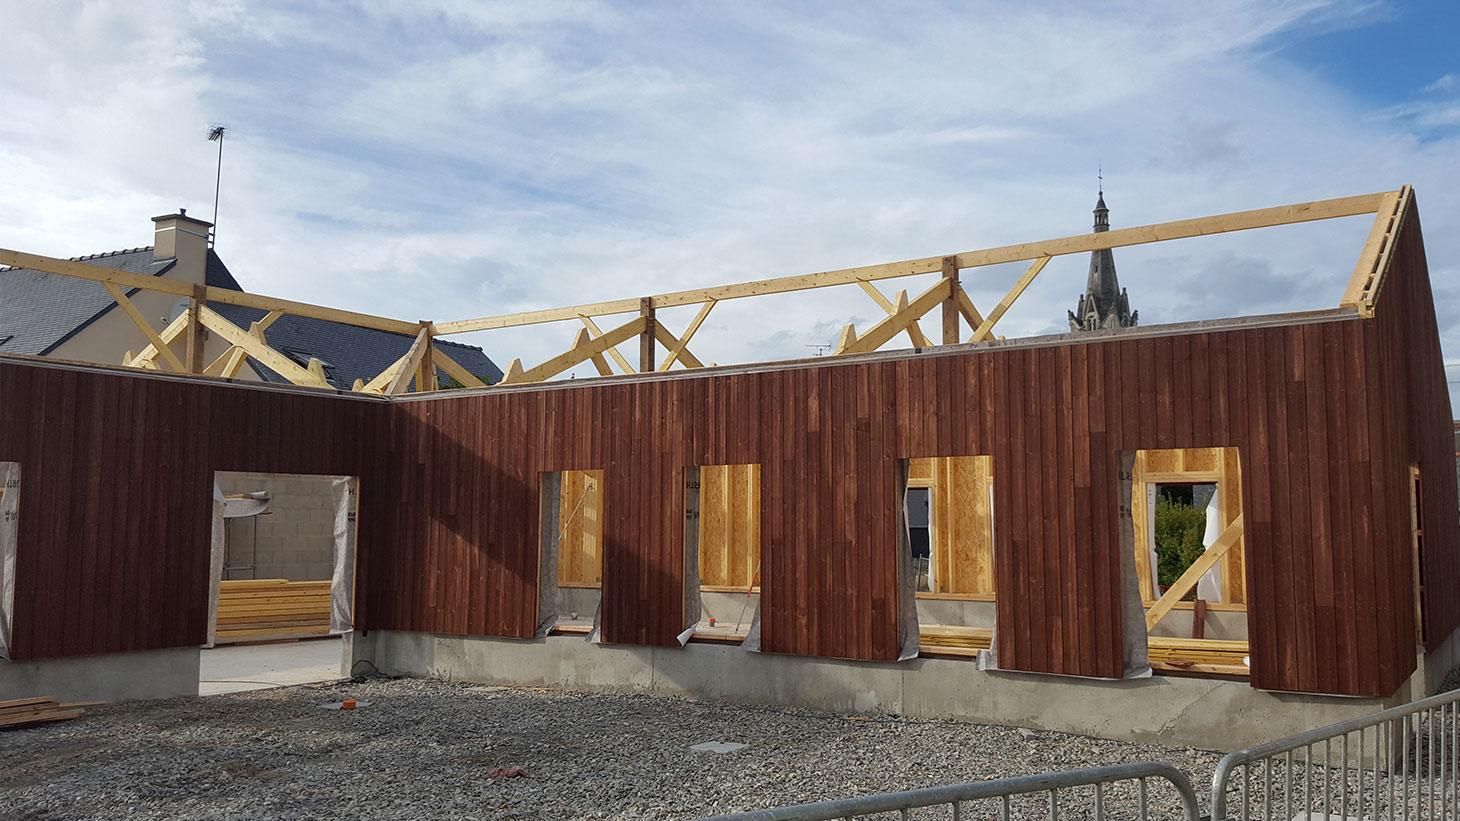 Réalisation de bâtiment en ossature bois